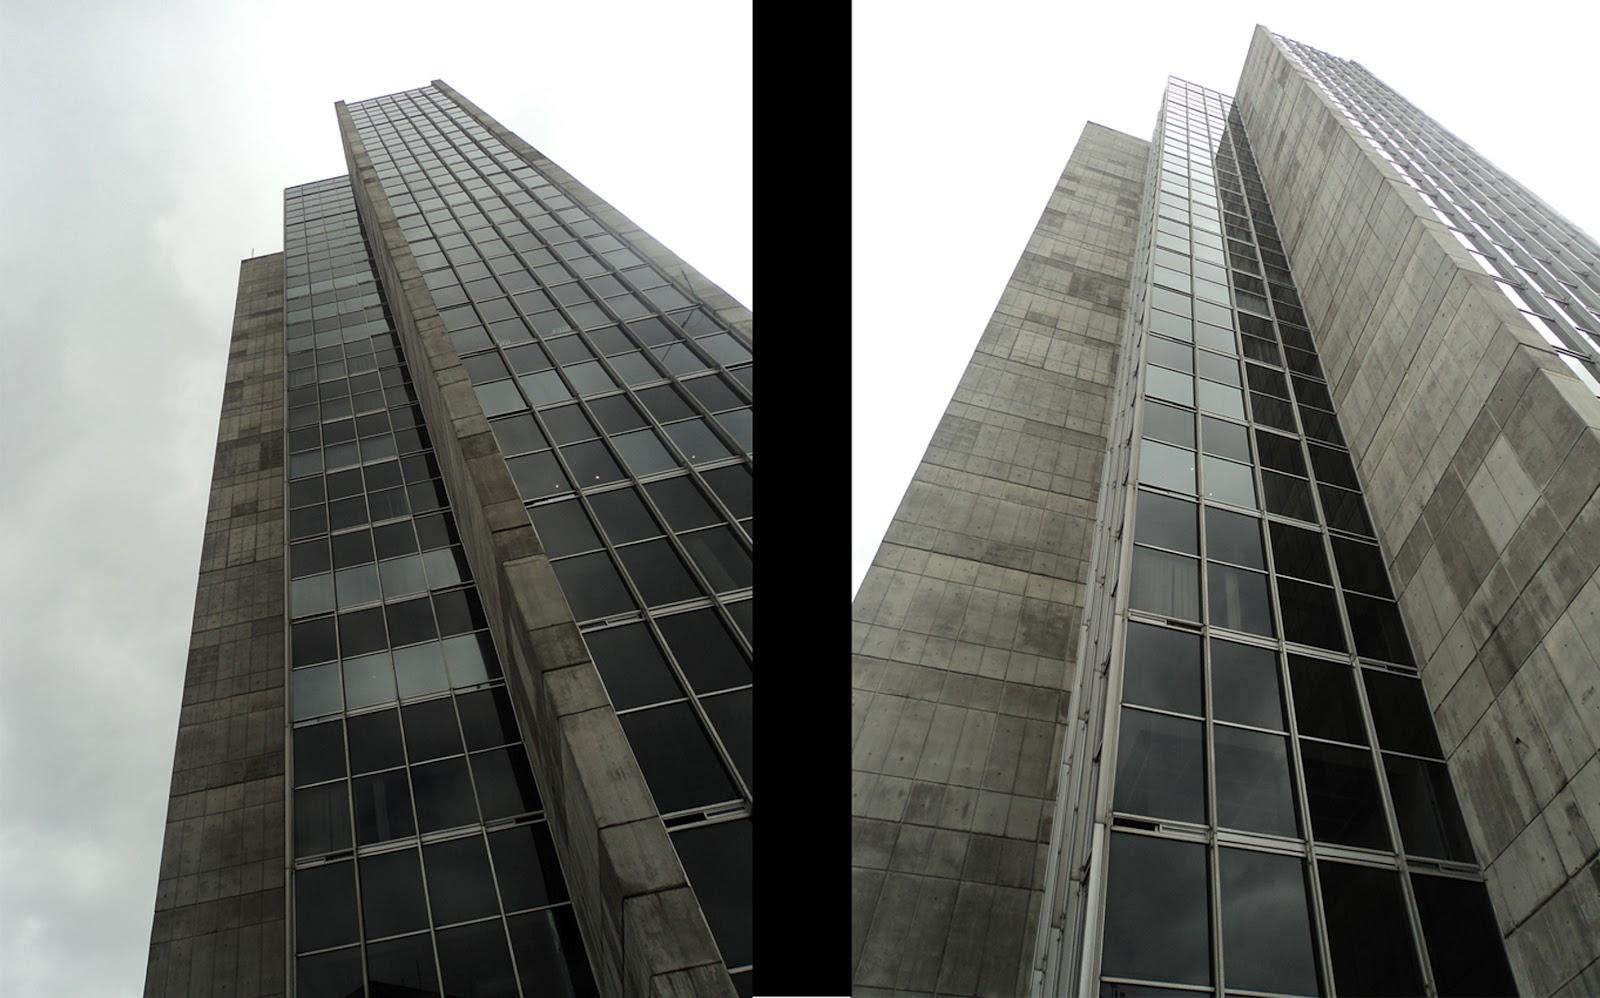 Arquitectura moderna en ecuador ovidio wappenstein for Arquitectura moderna